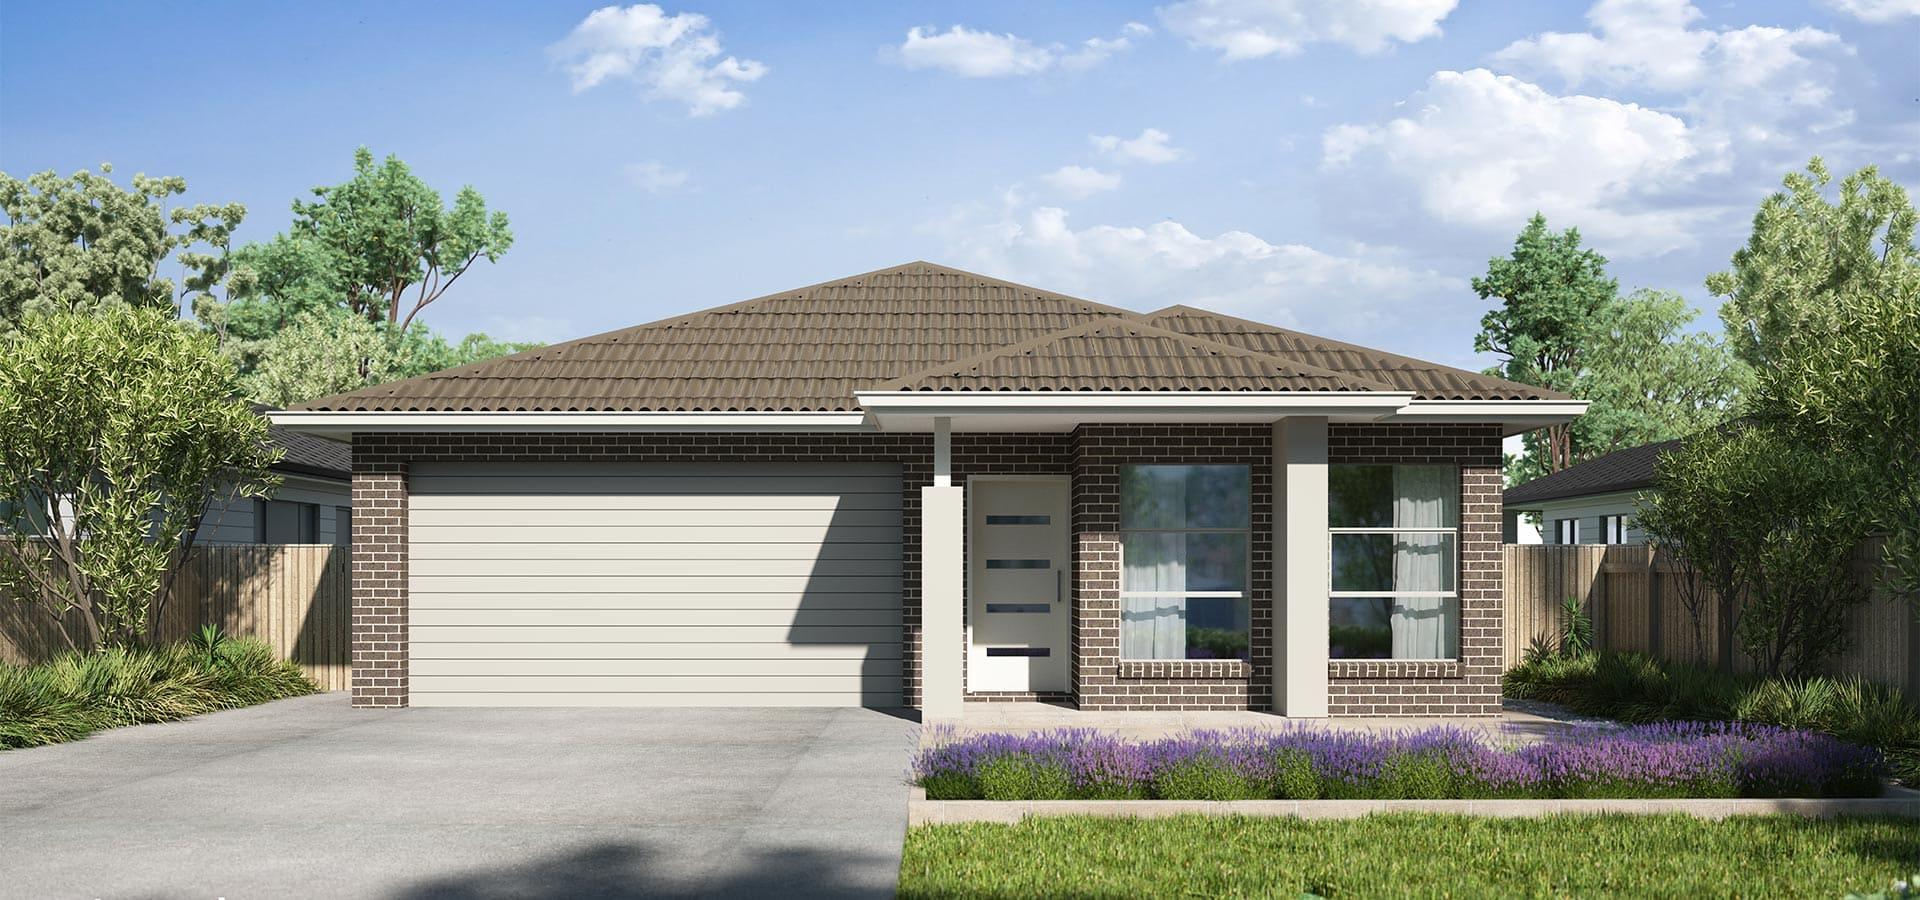 Lavander-12-13-Y-Single-House-Design